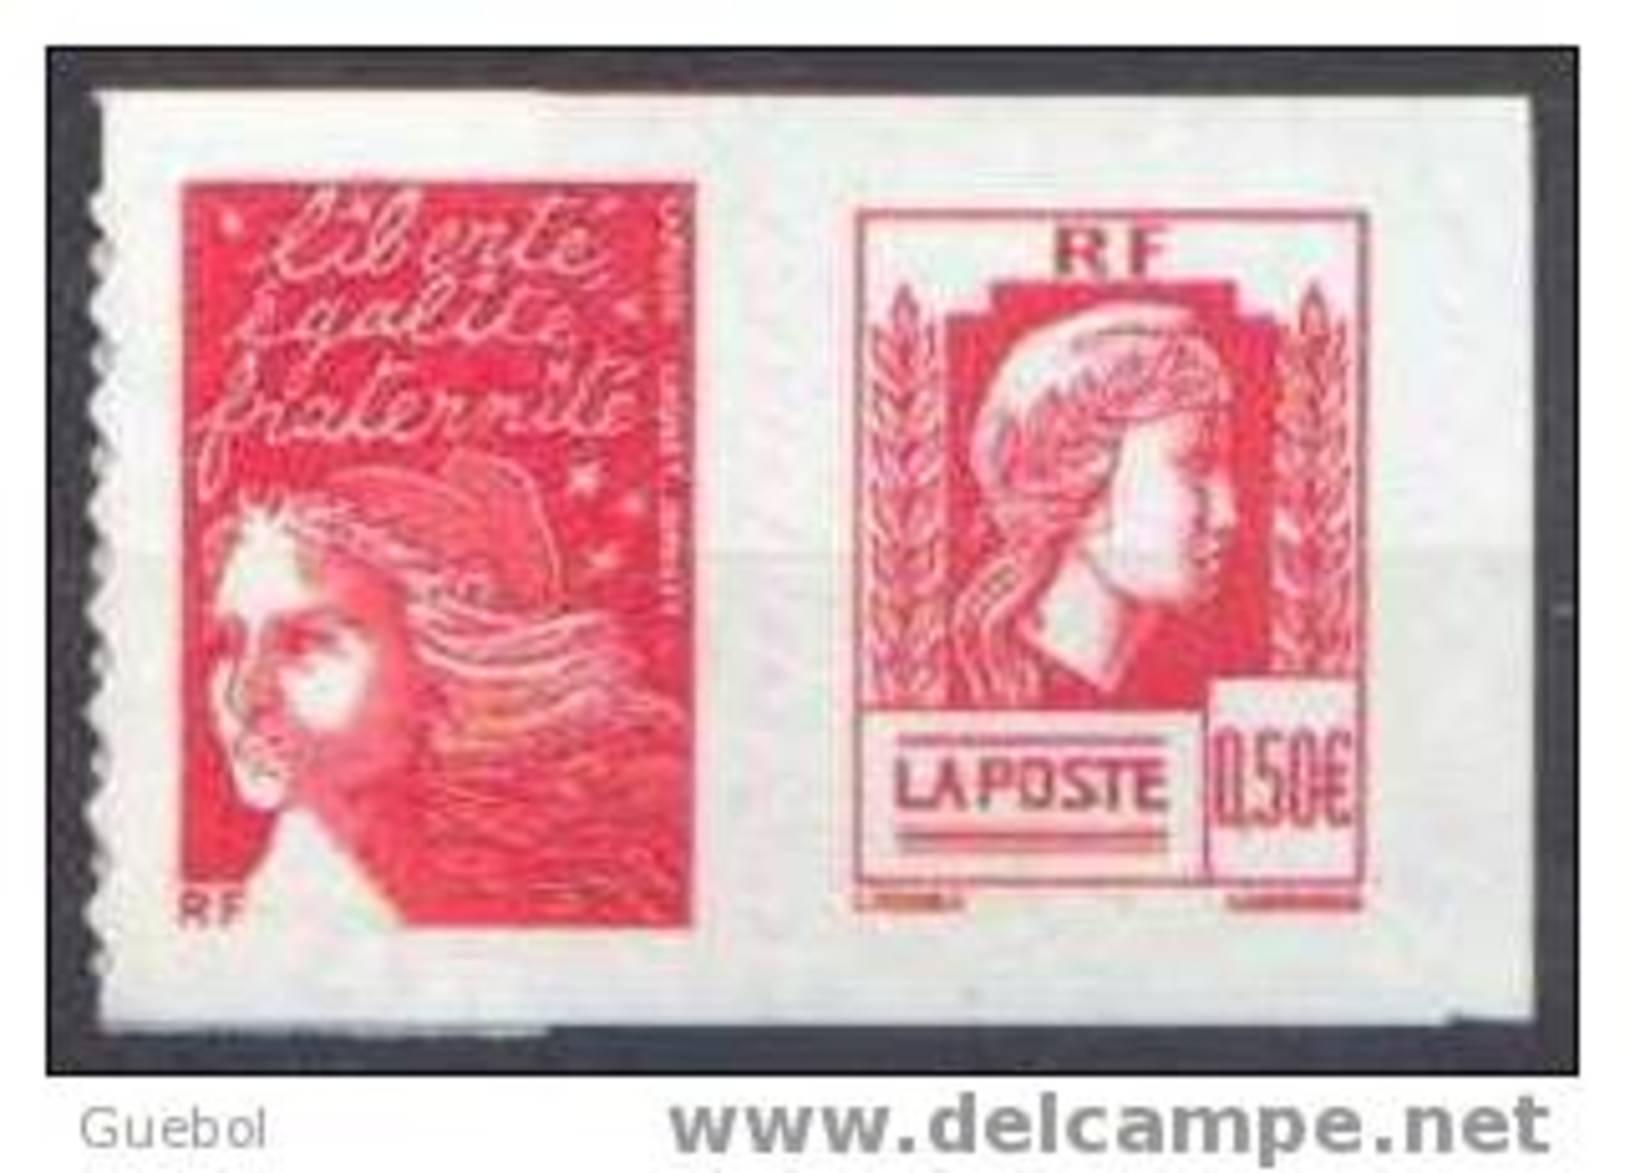 France Marianne Du 14 Juillet N° 3716 P Ou 43 P ** Autoadhésif Luquet & Dulac Pour Le 60 ème Anniversaire De La Marianne - 1997-04 Marianne Of July 14th